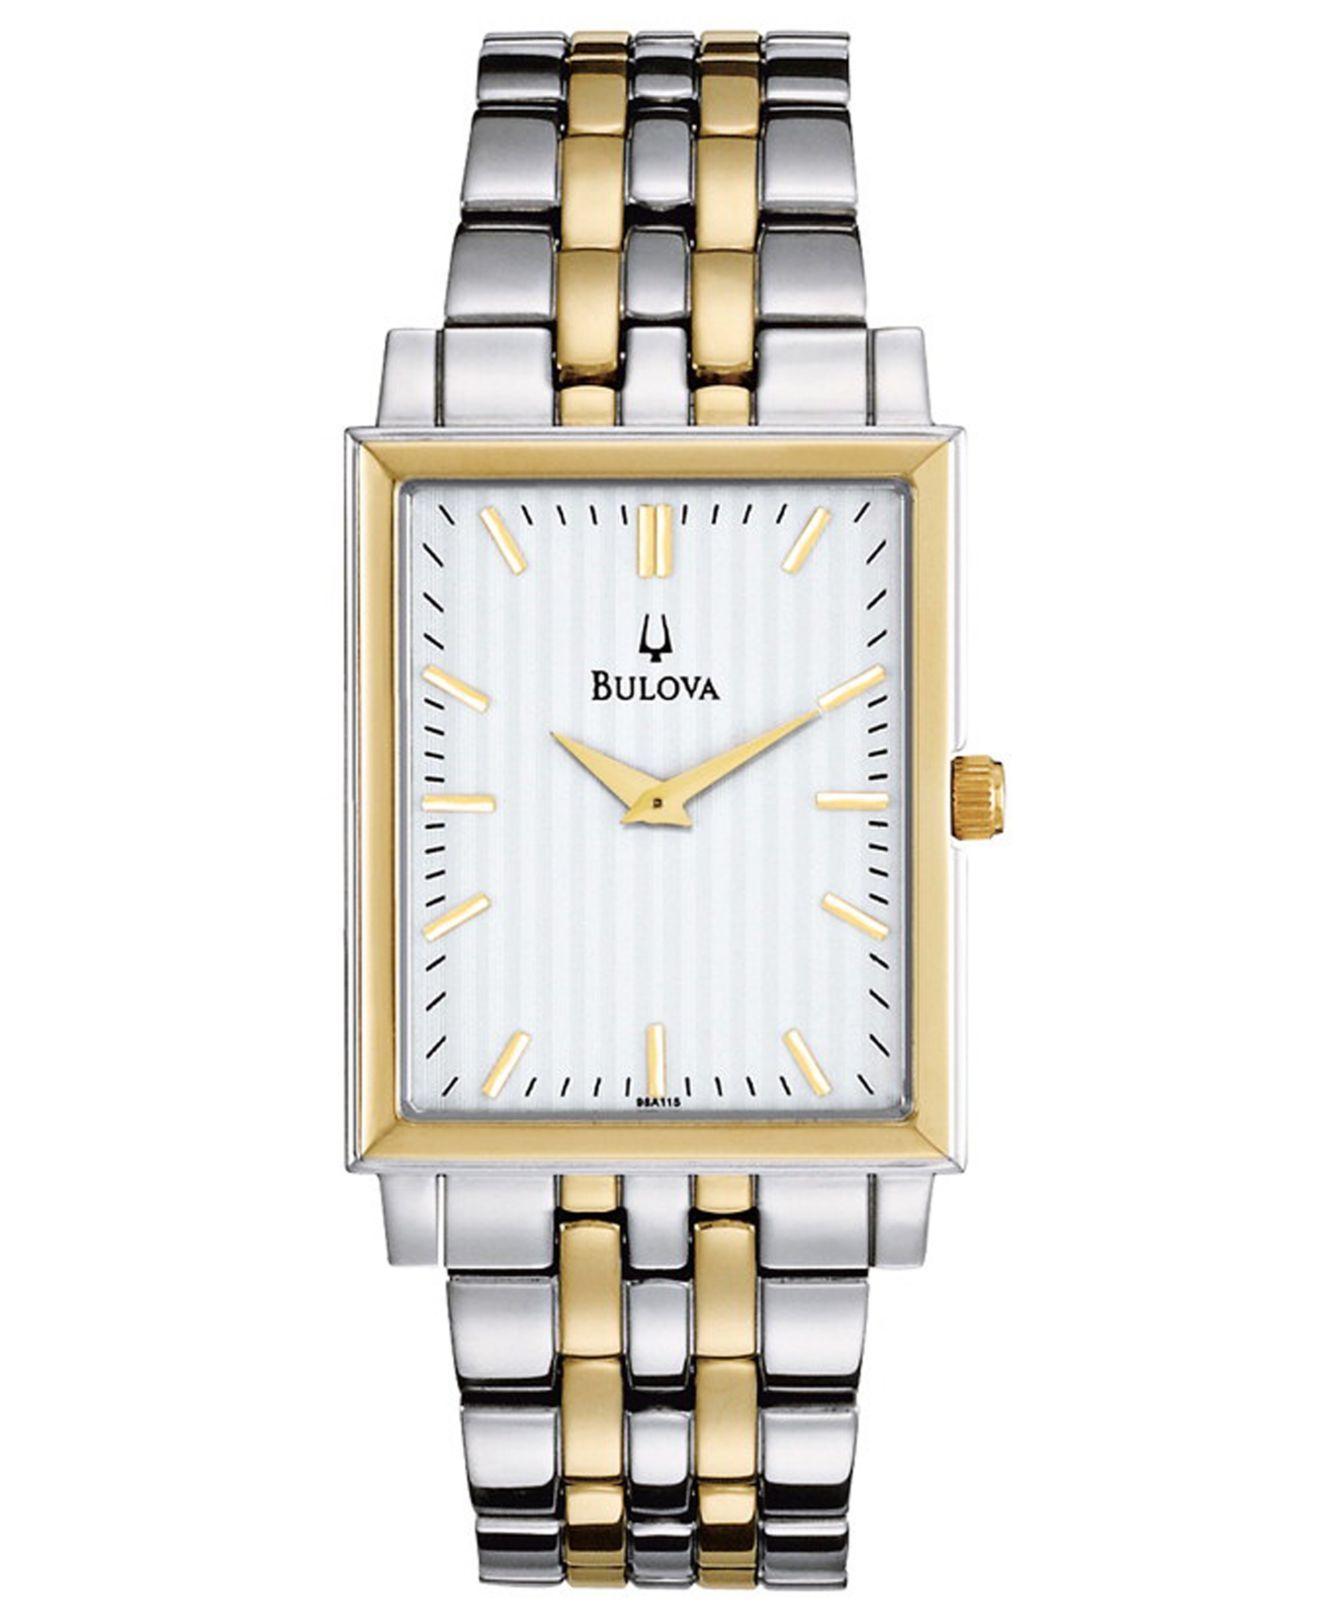 1a1b3c5674a6 Lyst - Bulova Men S Two Tone Stainless Steel Bracelet Watch 29Mm ...